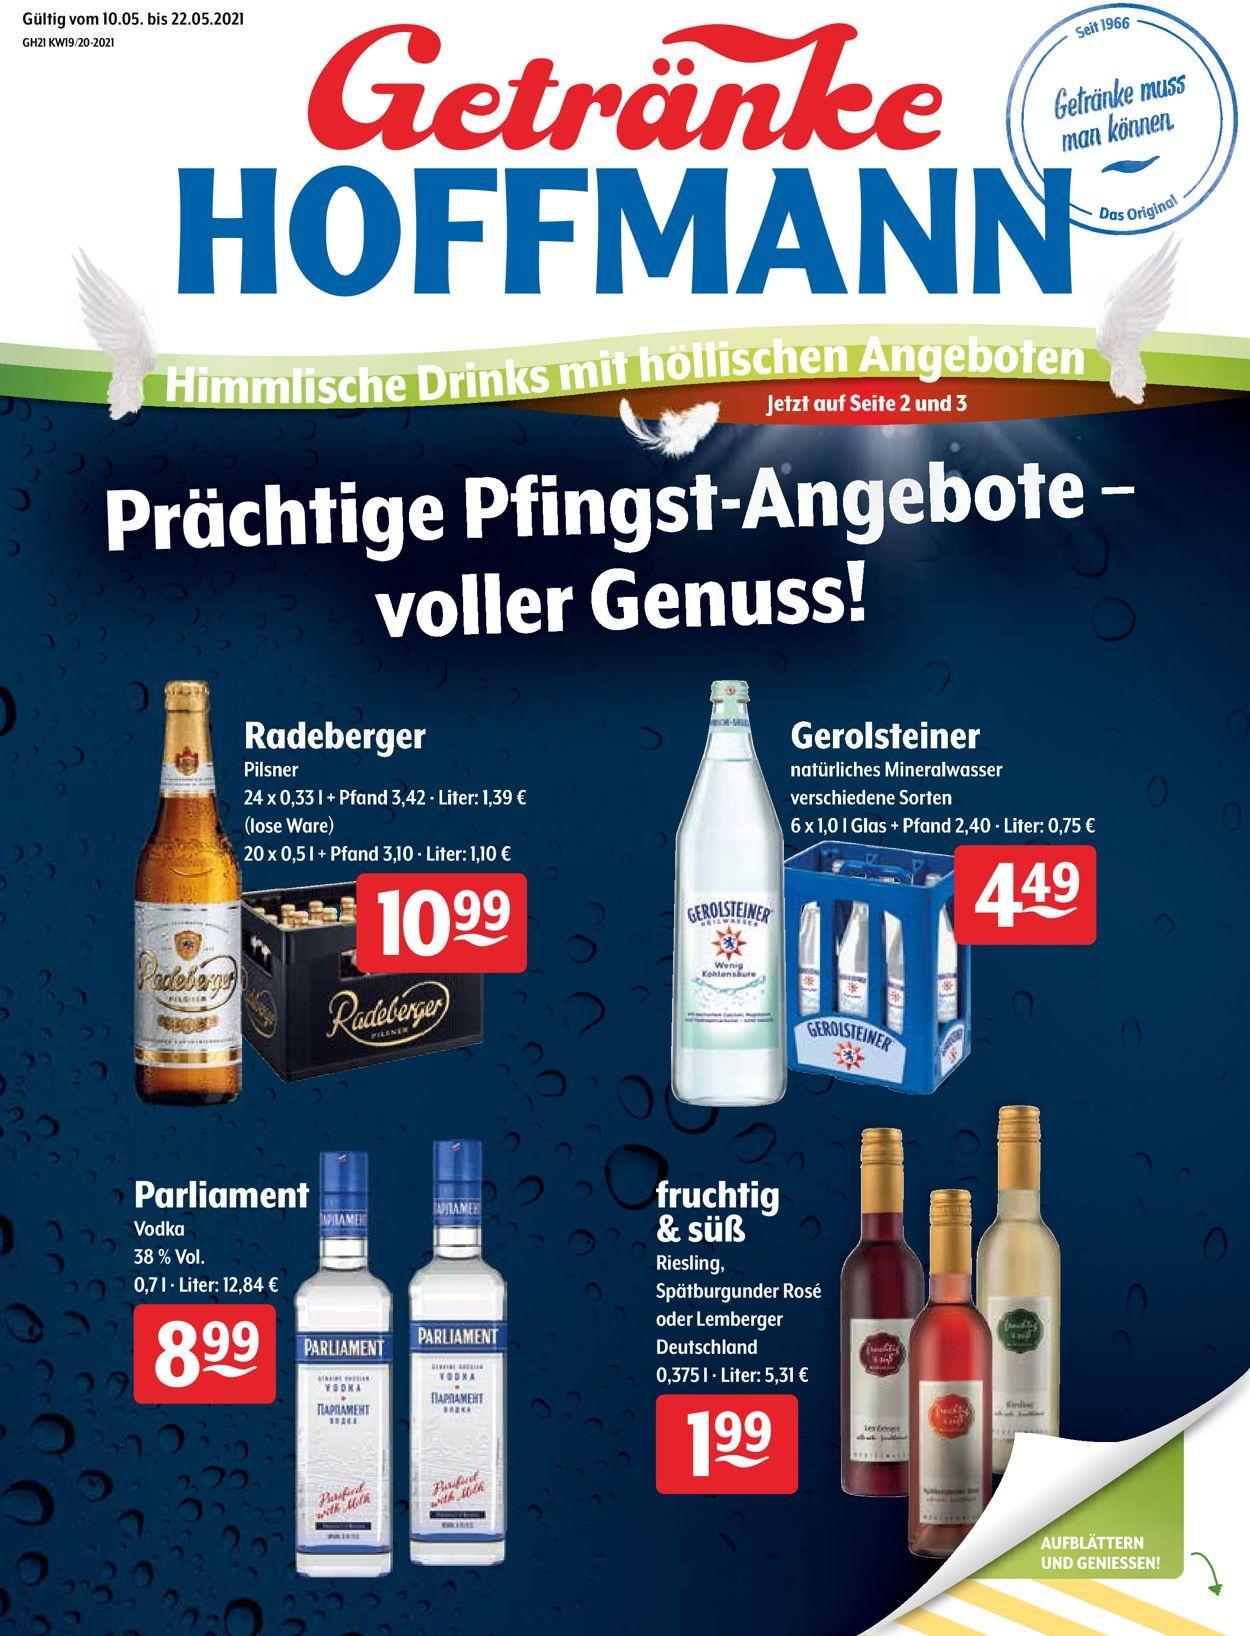 Getränke Hoffmann Prospekt - Aktuell vom 10.05-22.05.2021